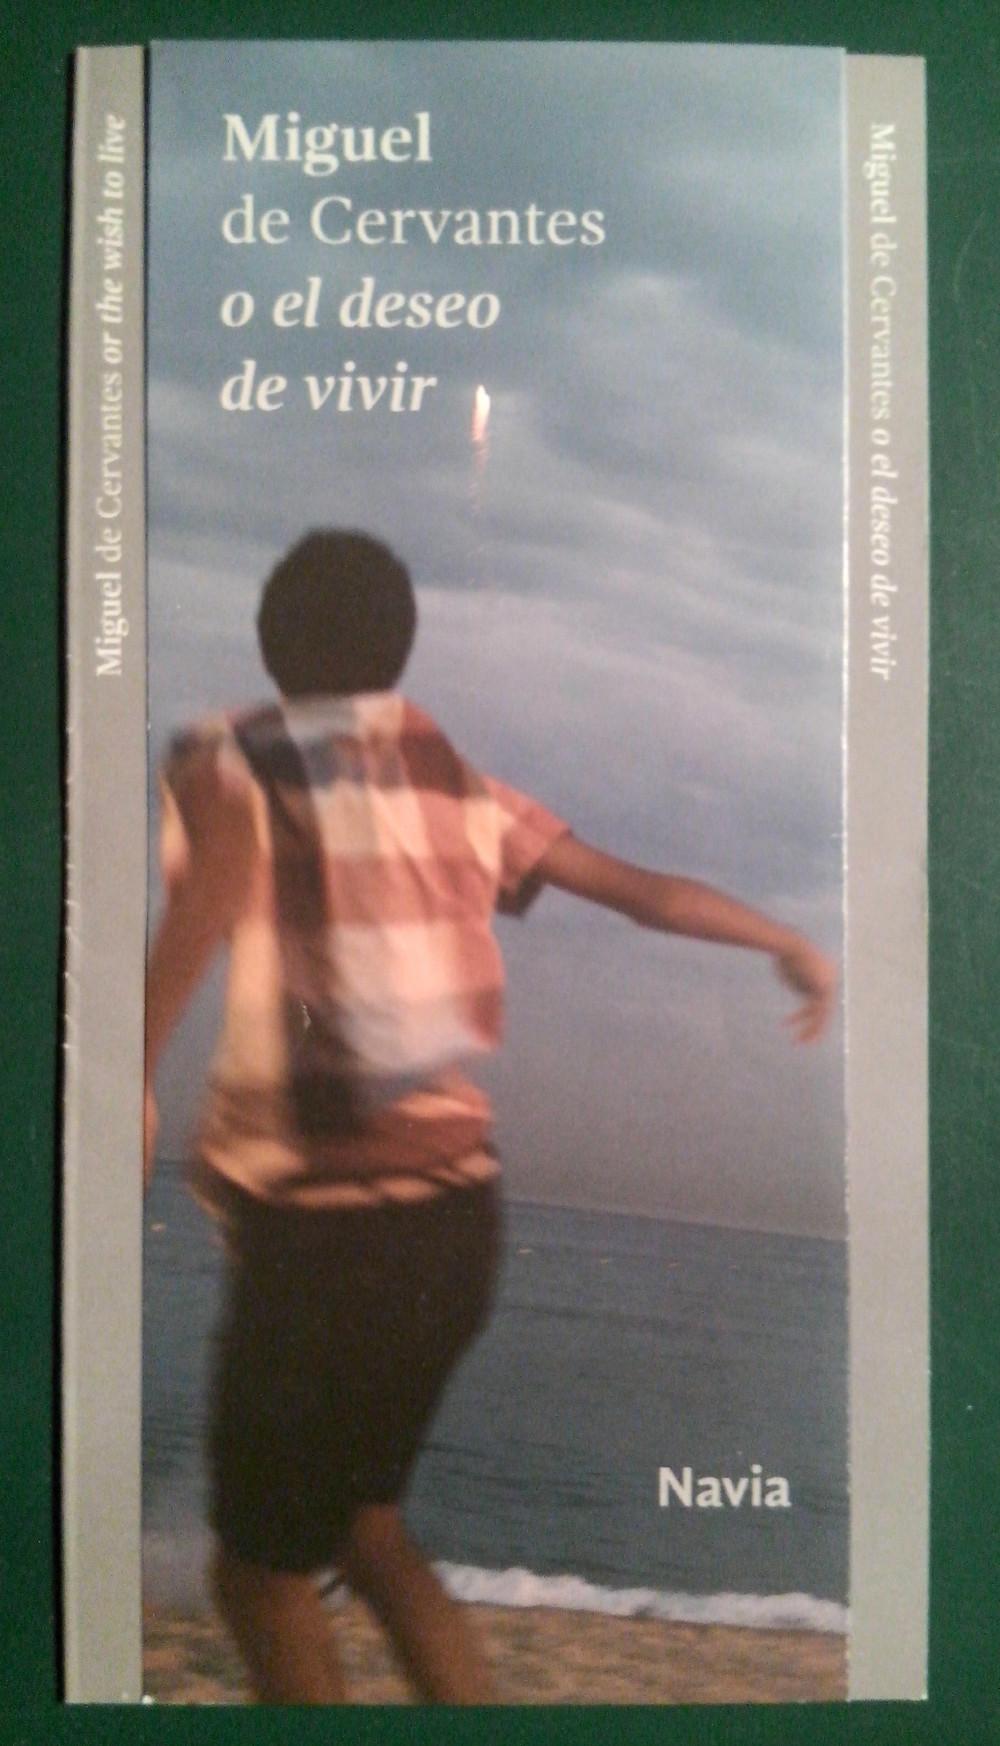 Exposición fotografía y entrevista de José Manuel Navia sobre los viajes de Cervantes.